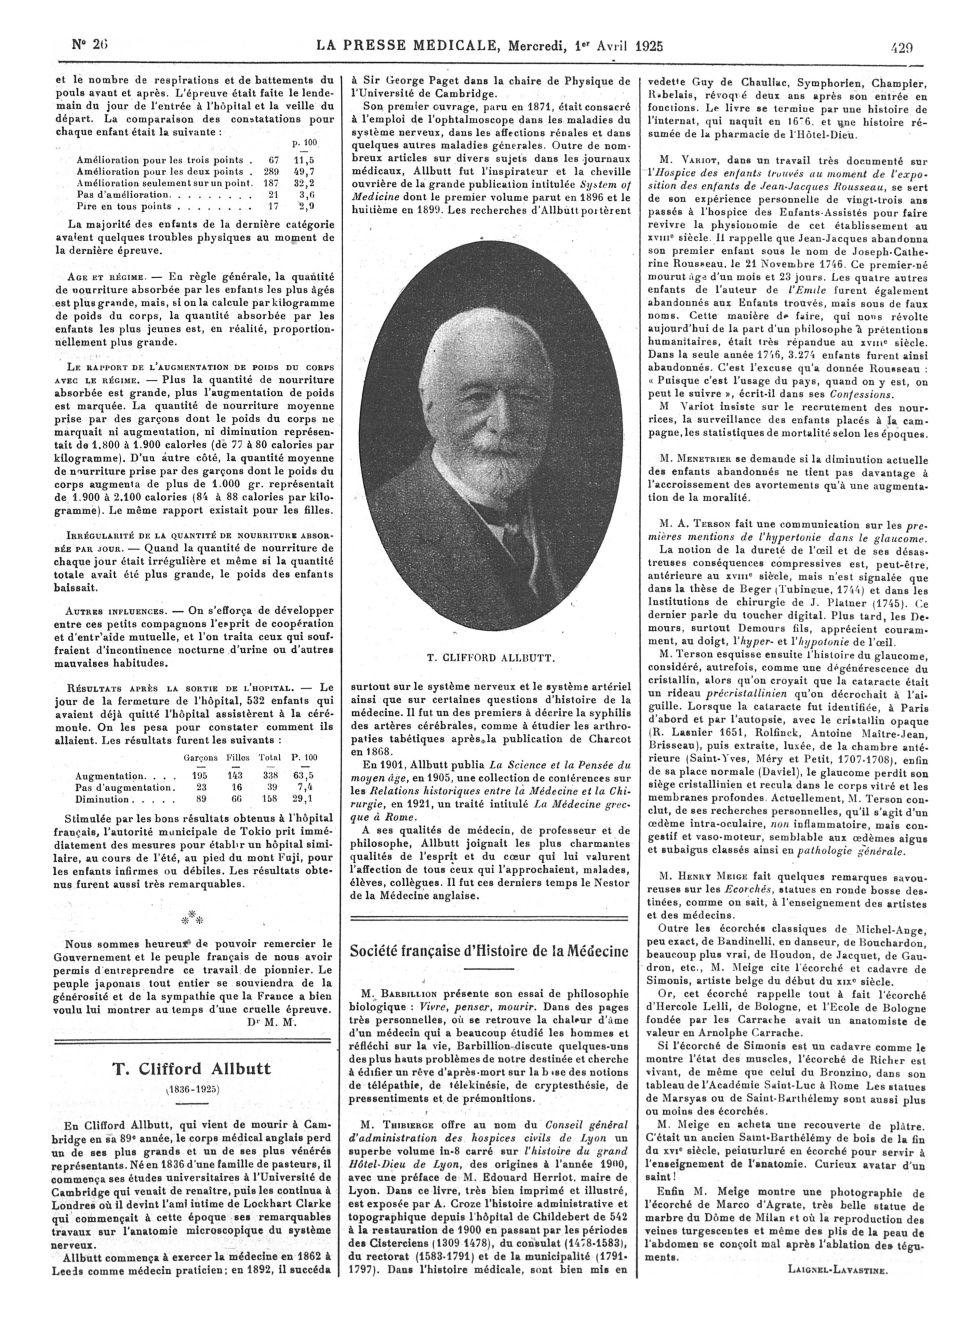 T. Clifford Allbutt - La Presse médicale - [Articles originaux] -  - med100000x1925xartorigx0433